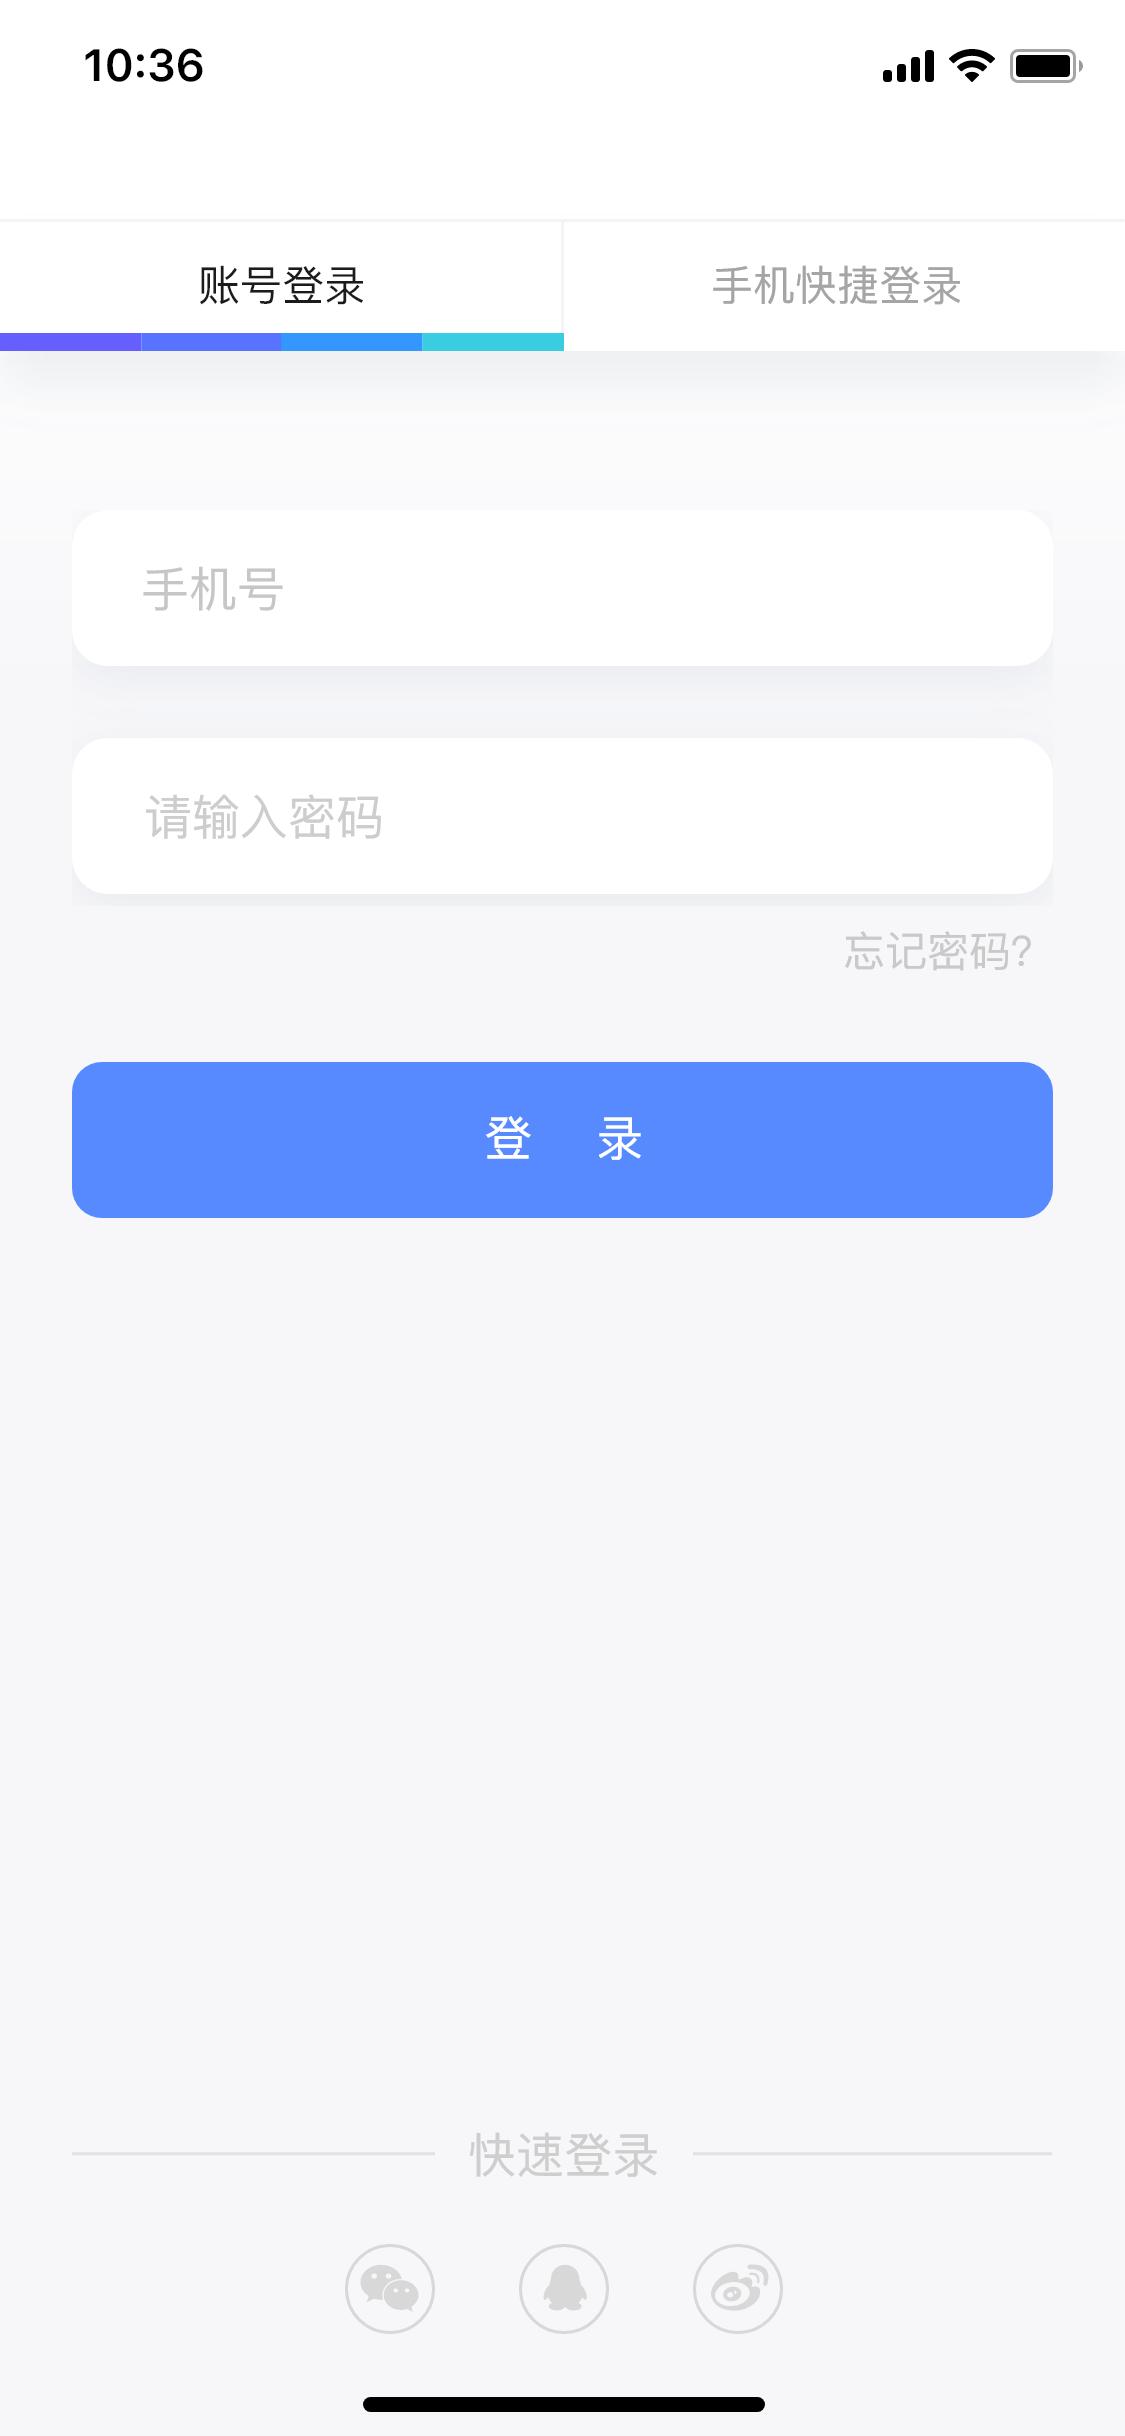 二手车APP界面UI设计 飞特网 原创APP设计